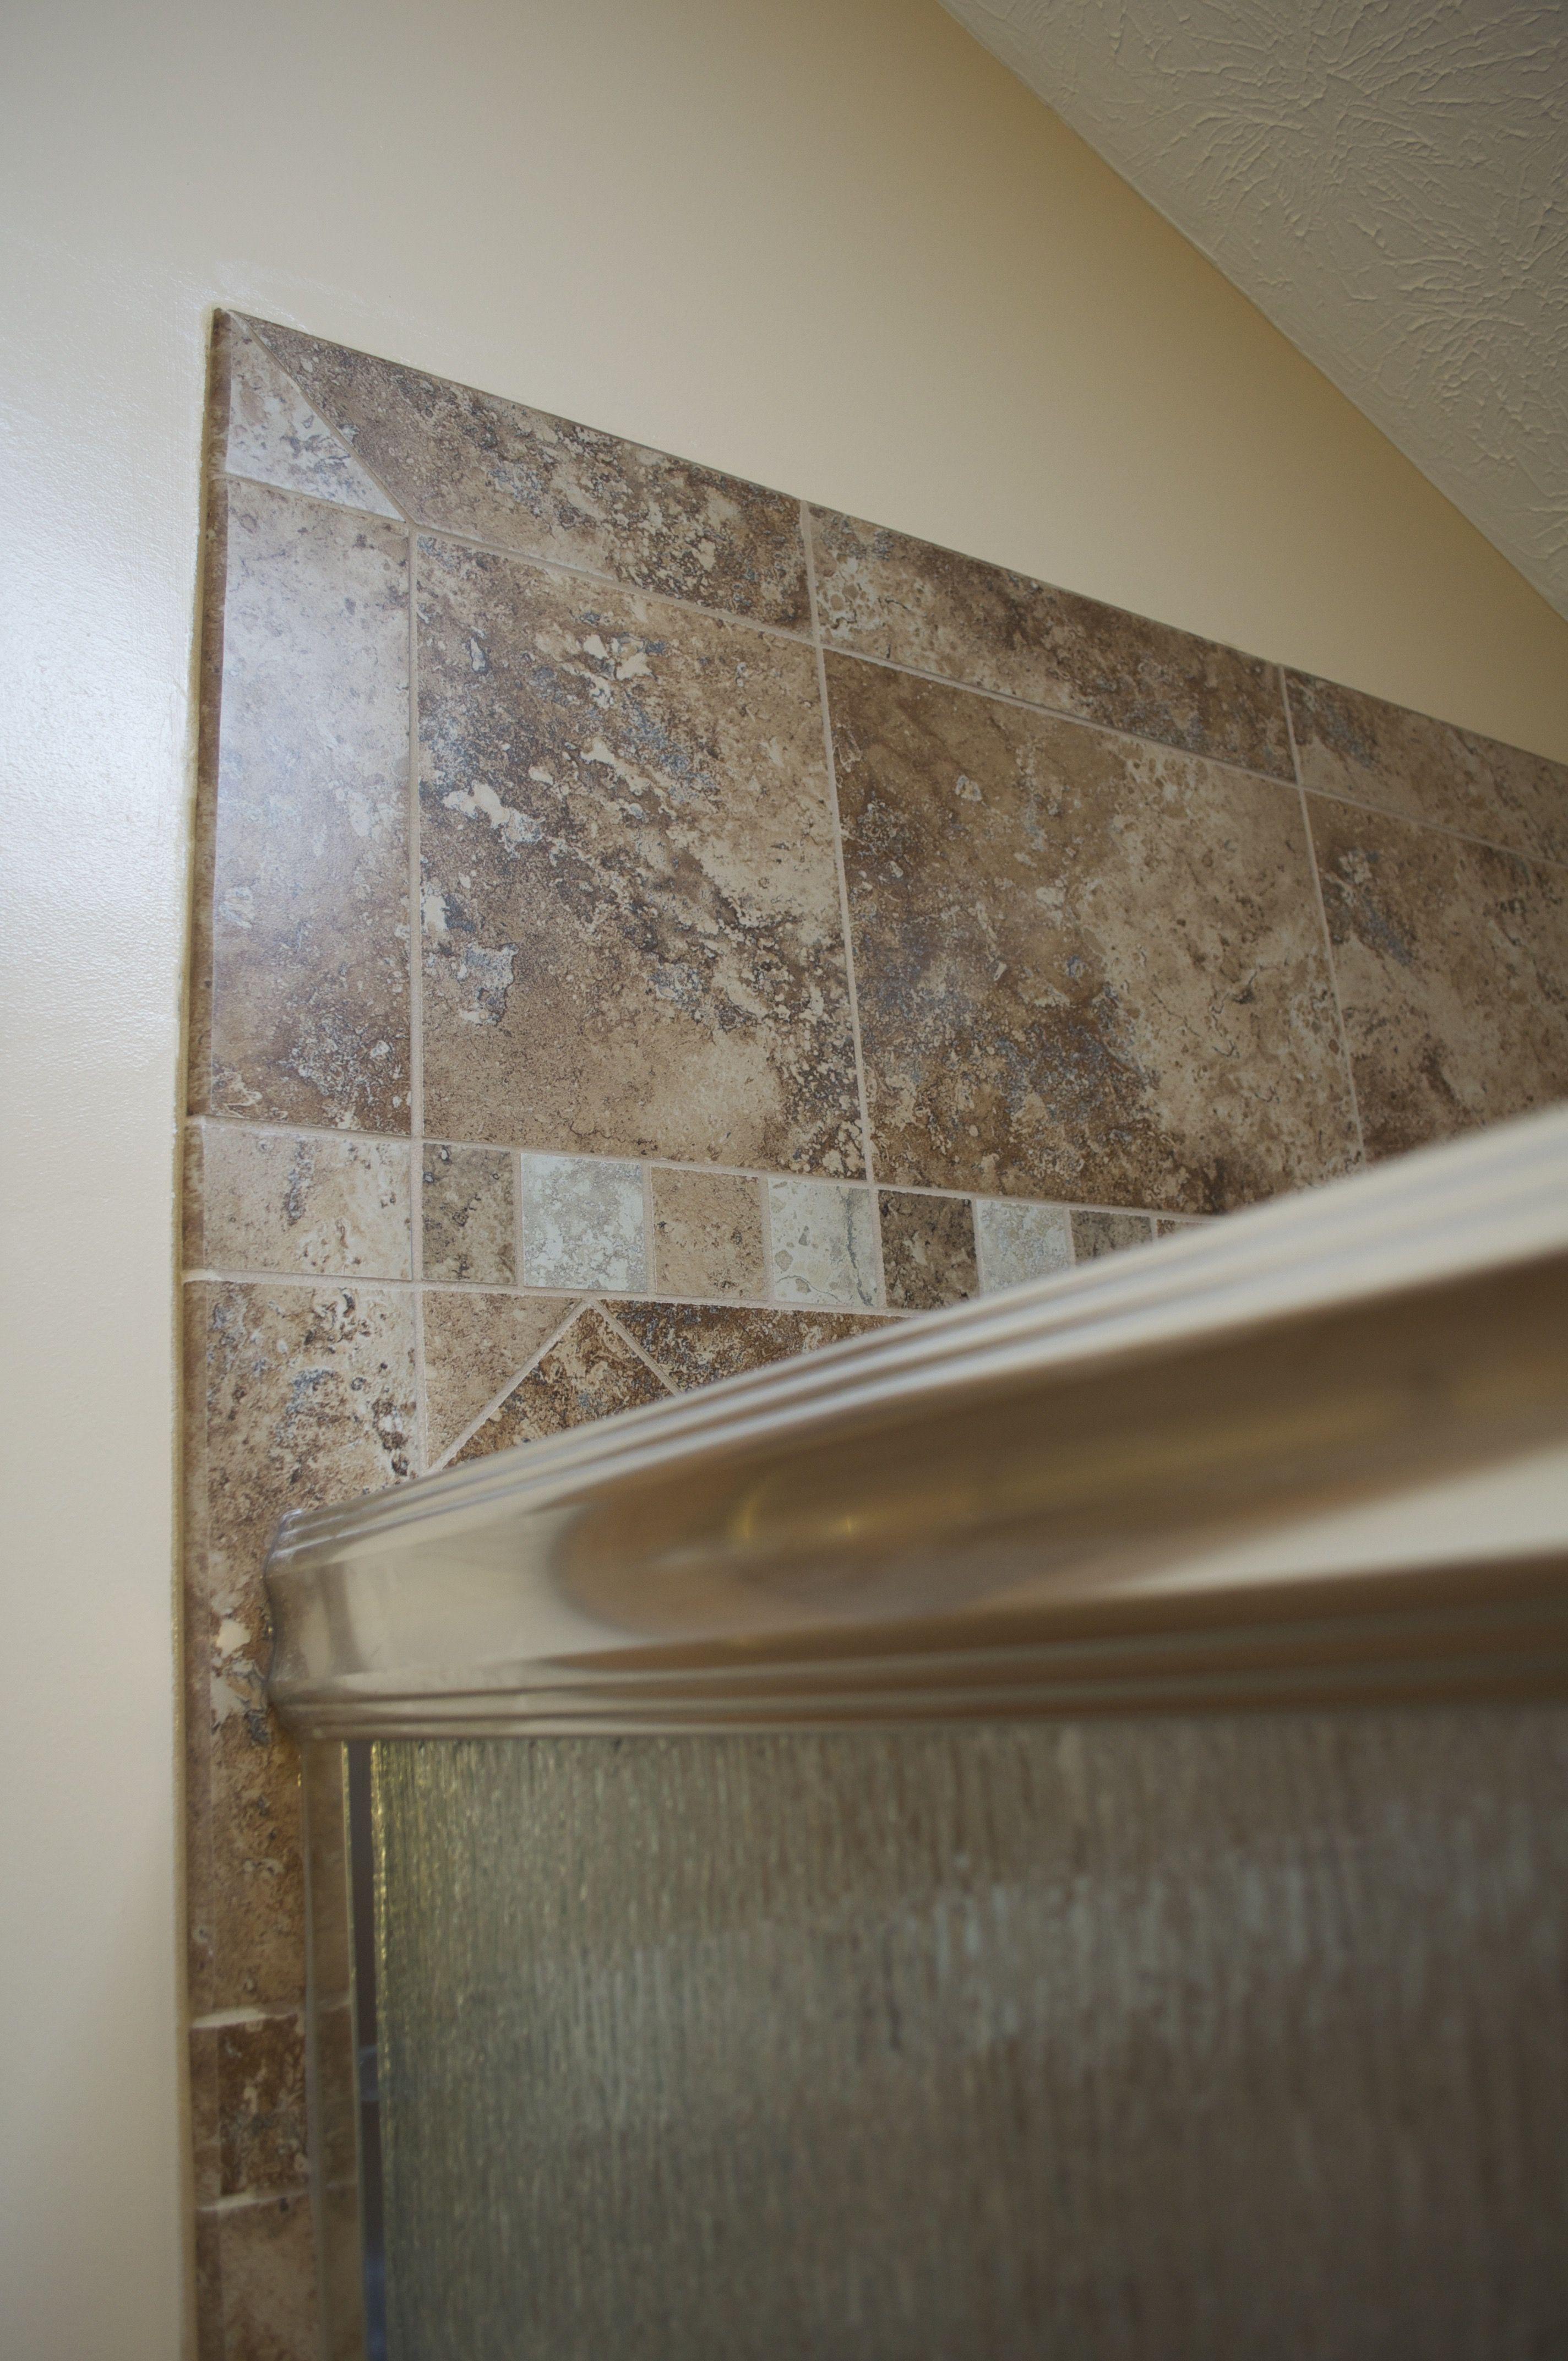 Tiled Shower Edge cmh builders tiled shower with bullnose tile edge | it's all in